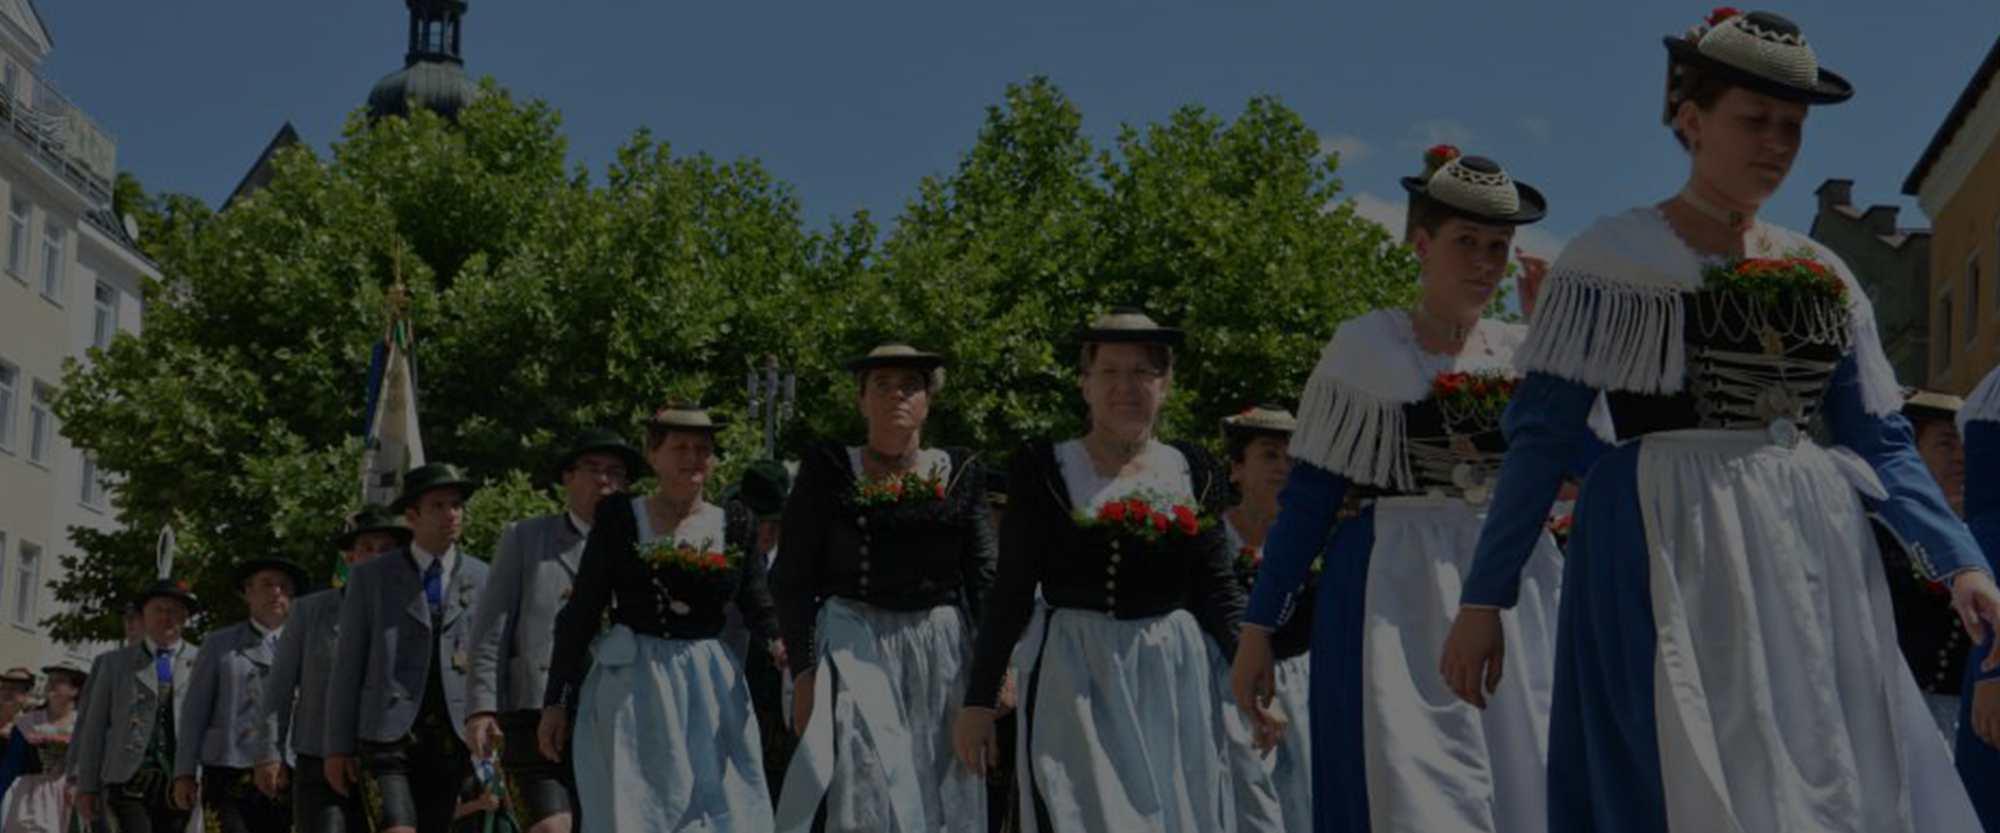 Mit bavaria nachbar - 5 5